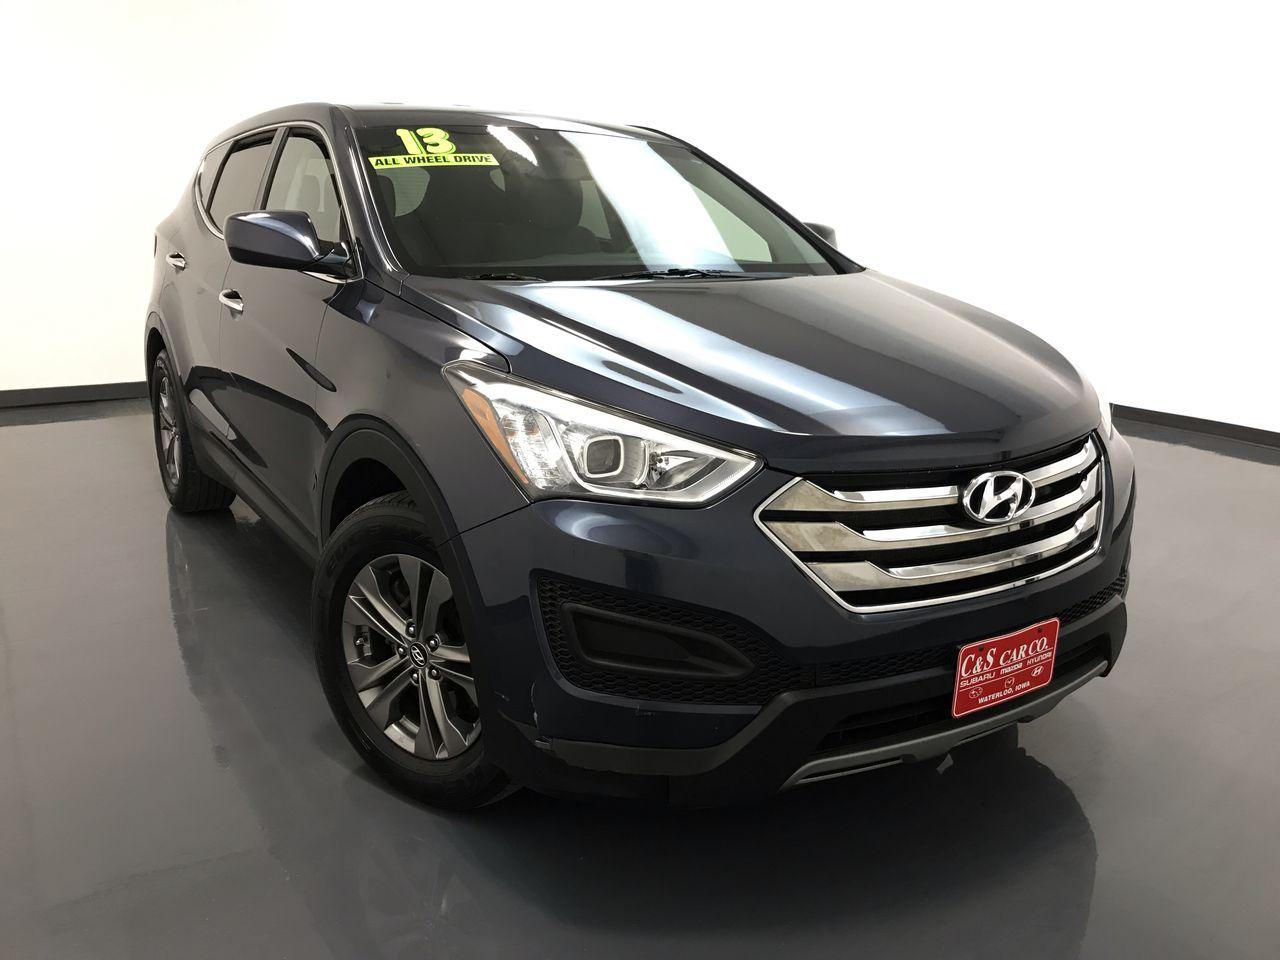 2013 Hyundai Santa Fe  - C & S Car Company